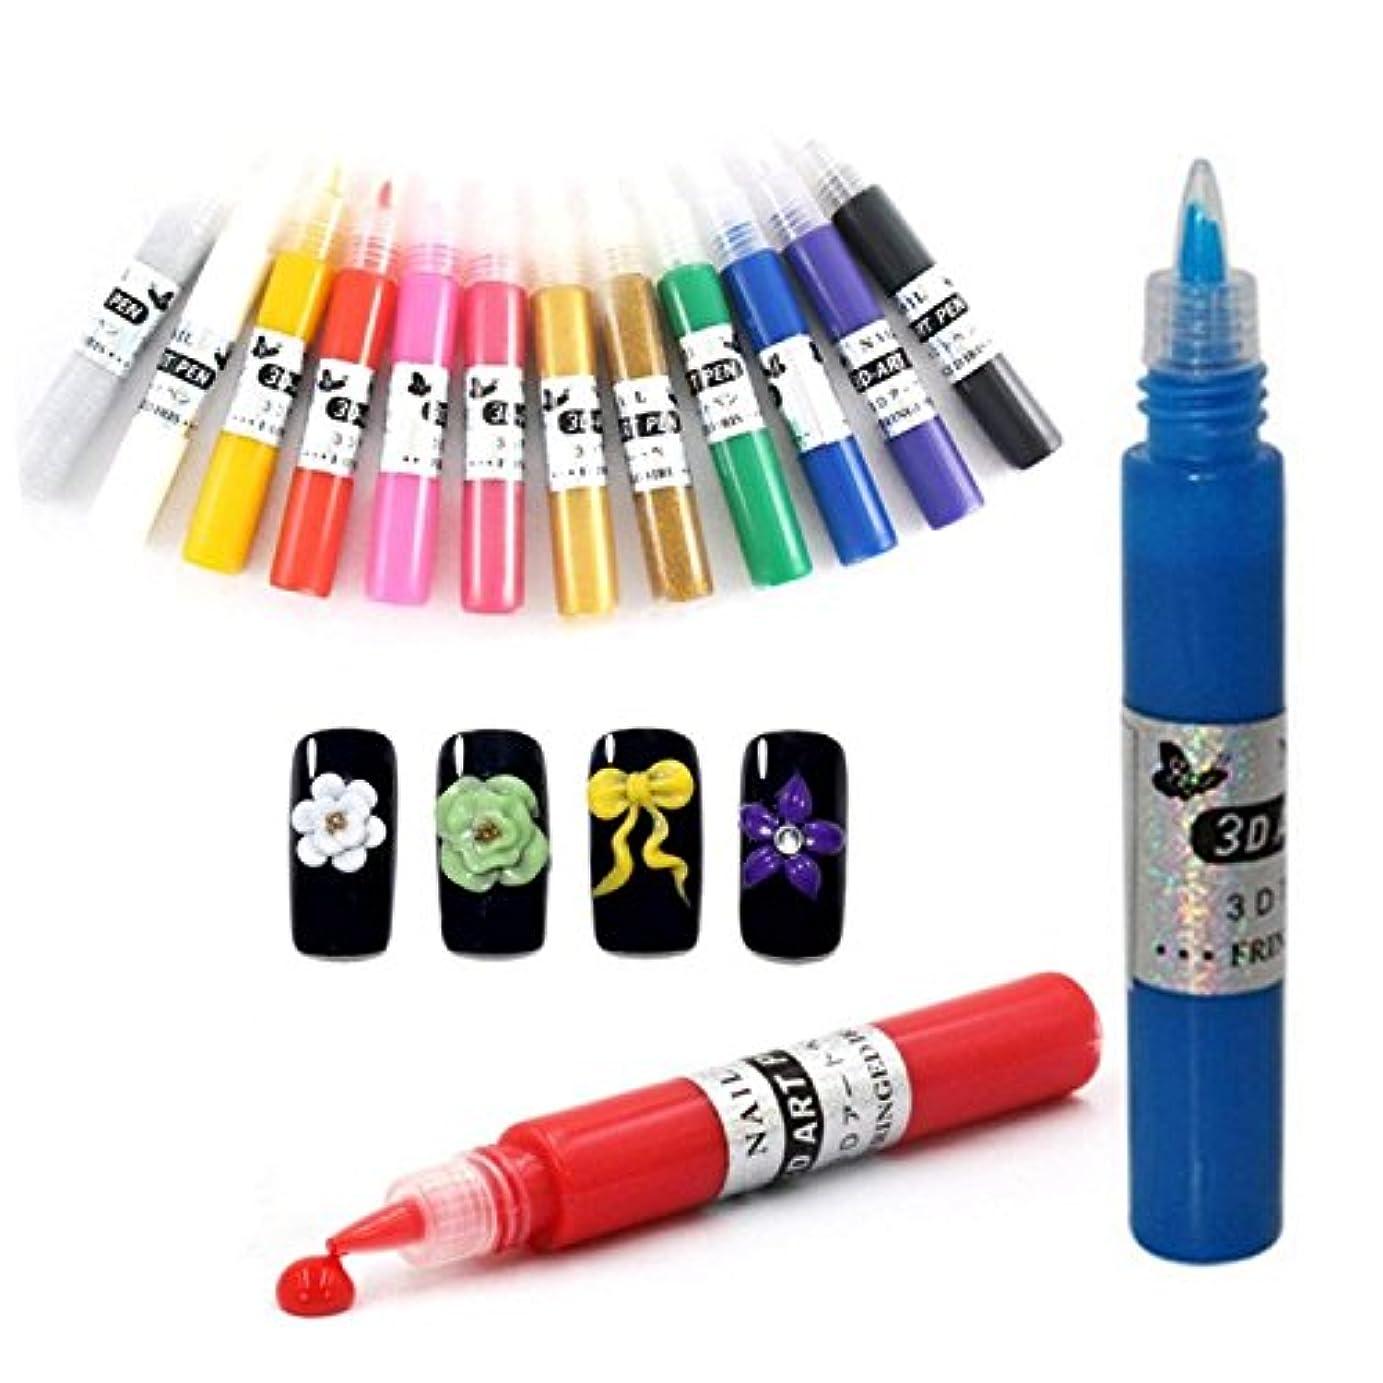 経過重くする世界の窓ネイルアートペン  3Dネイルアートペン ネイルマニキュア液 ペイントペン DIY 12色